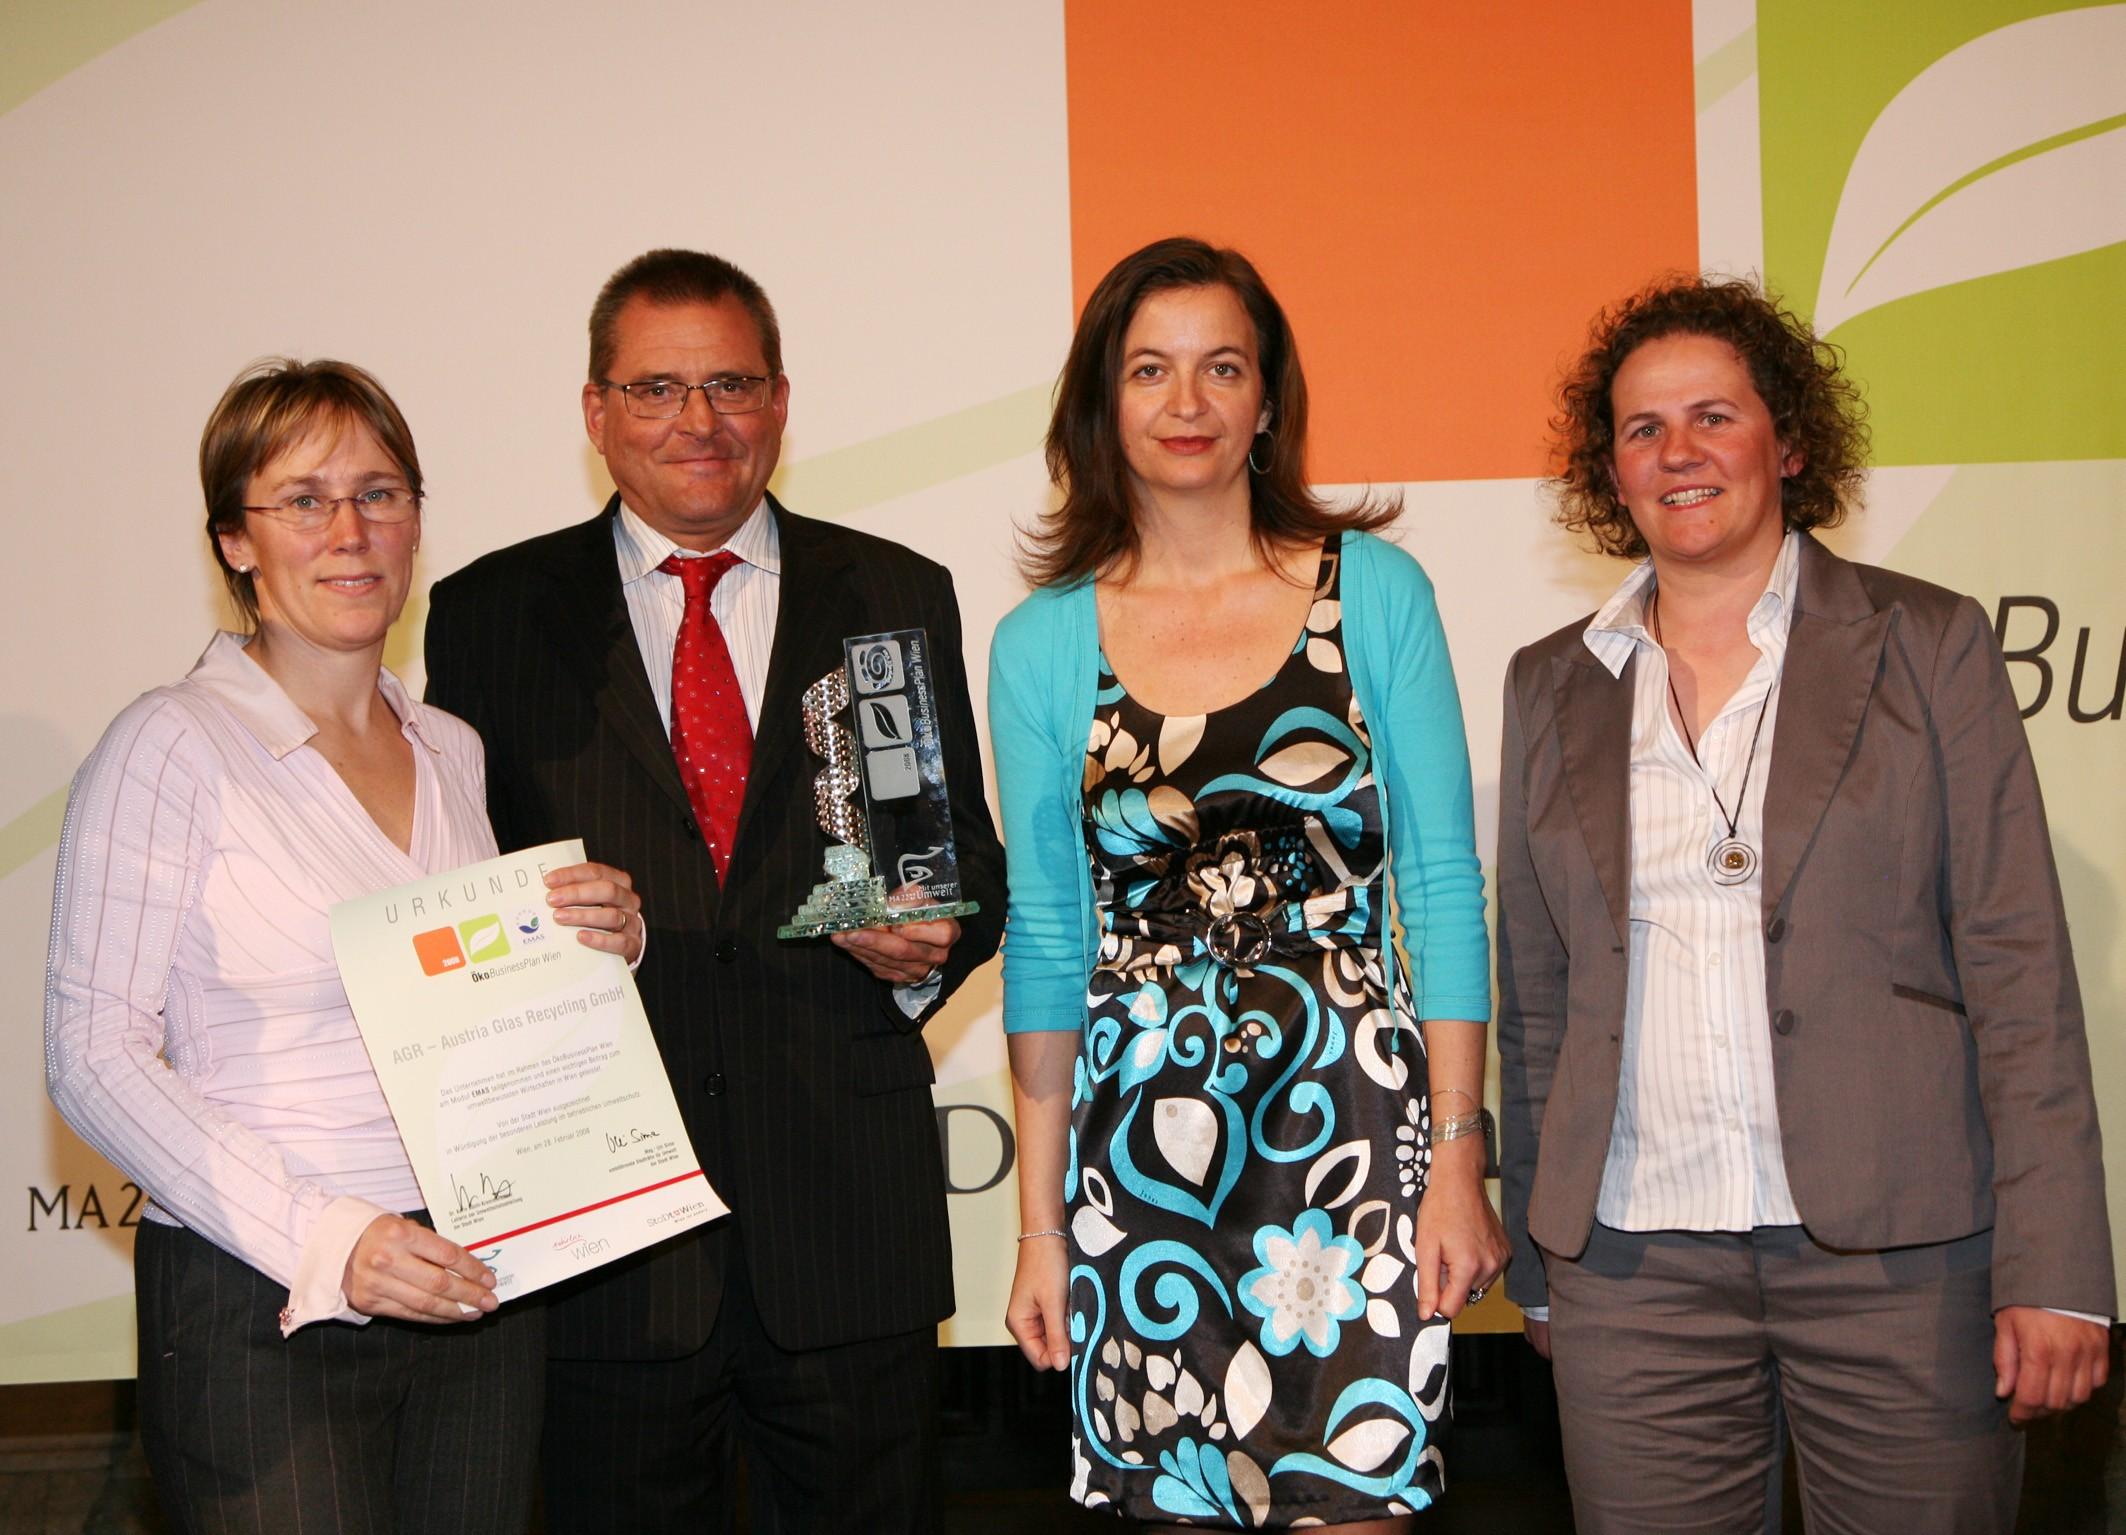 ÖGUT-Umweltpreis 2005 für Austria Glas Recycling, (v.l.n.r.: BM Pröll, Monika Piber-Maslo, Dr. Gerald Hirss-Werdisheim, Dr. Herbert Greisberger)